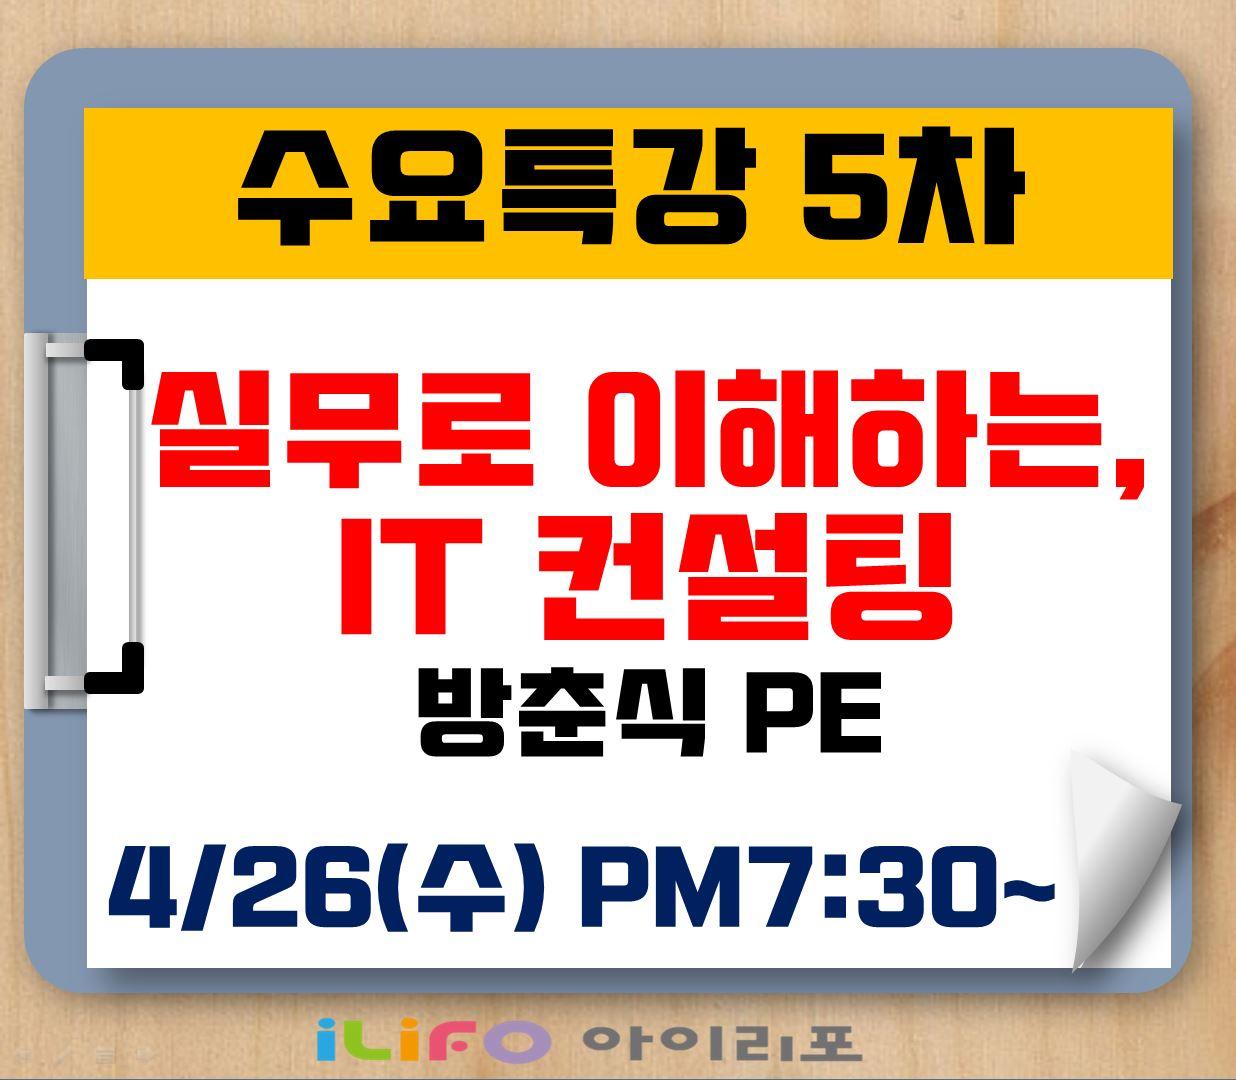 [수요특강 5차] 실무로 이해하는, IT 컨설팅 _방춘식 PE(4/26)